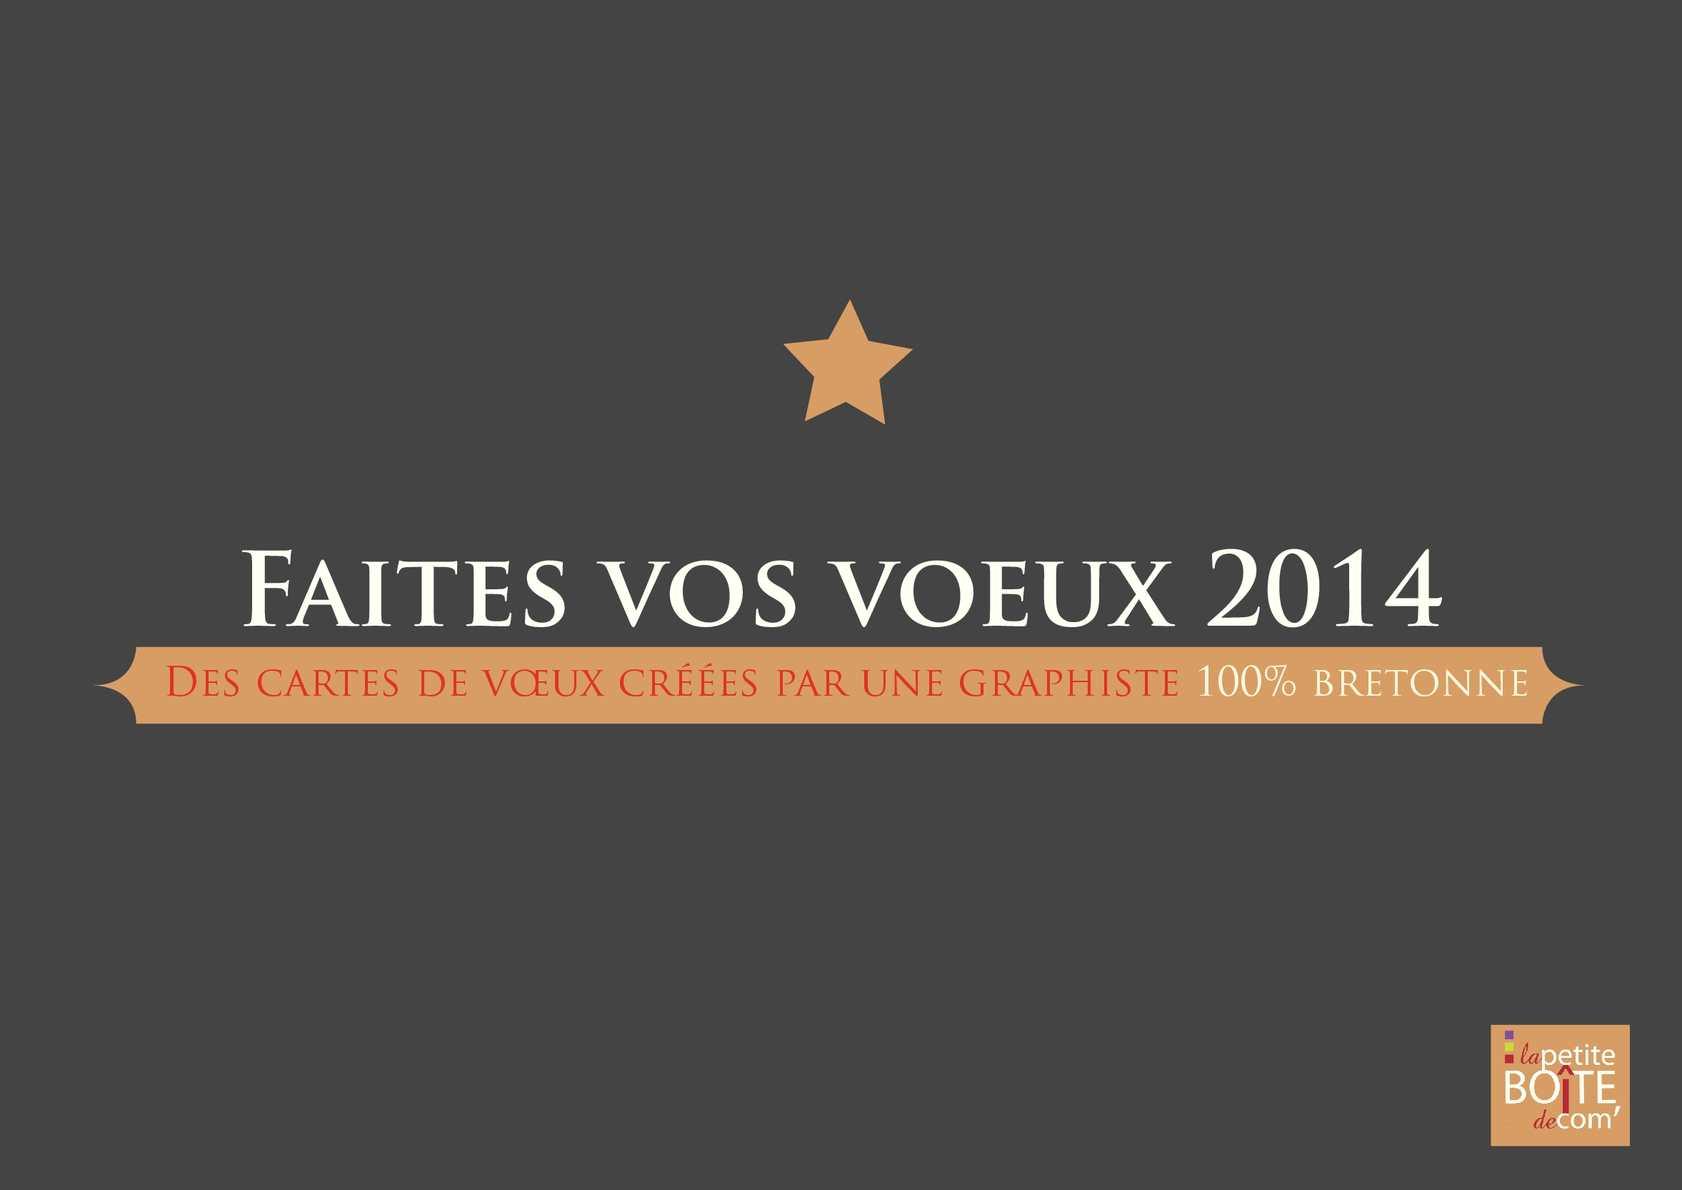 Catalogue voeux 2014